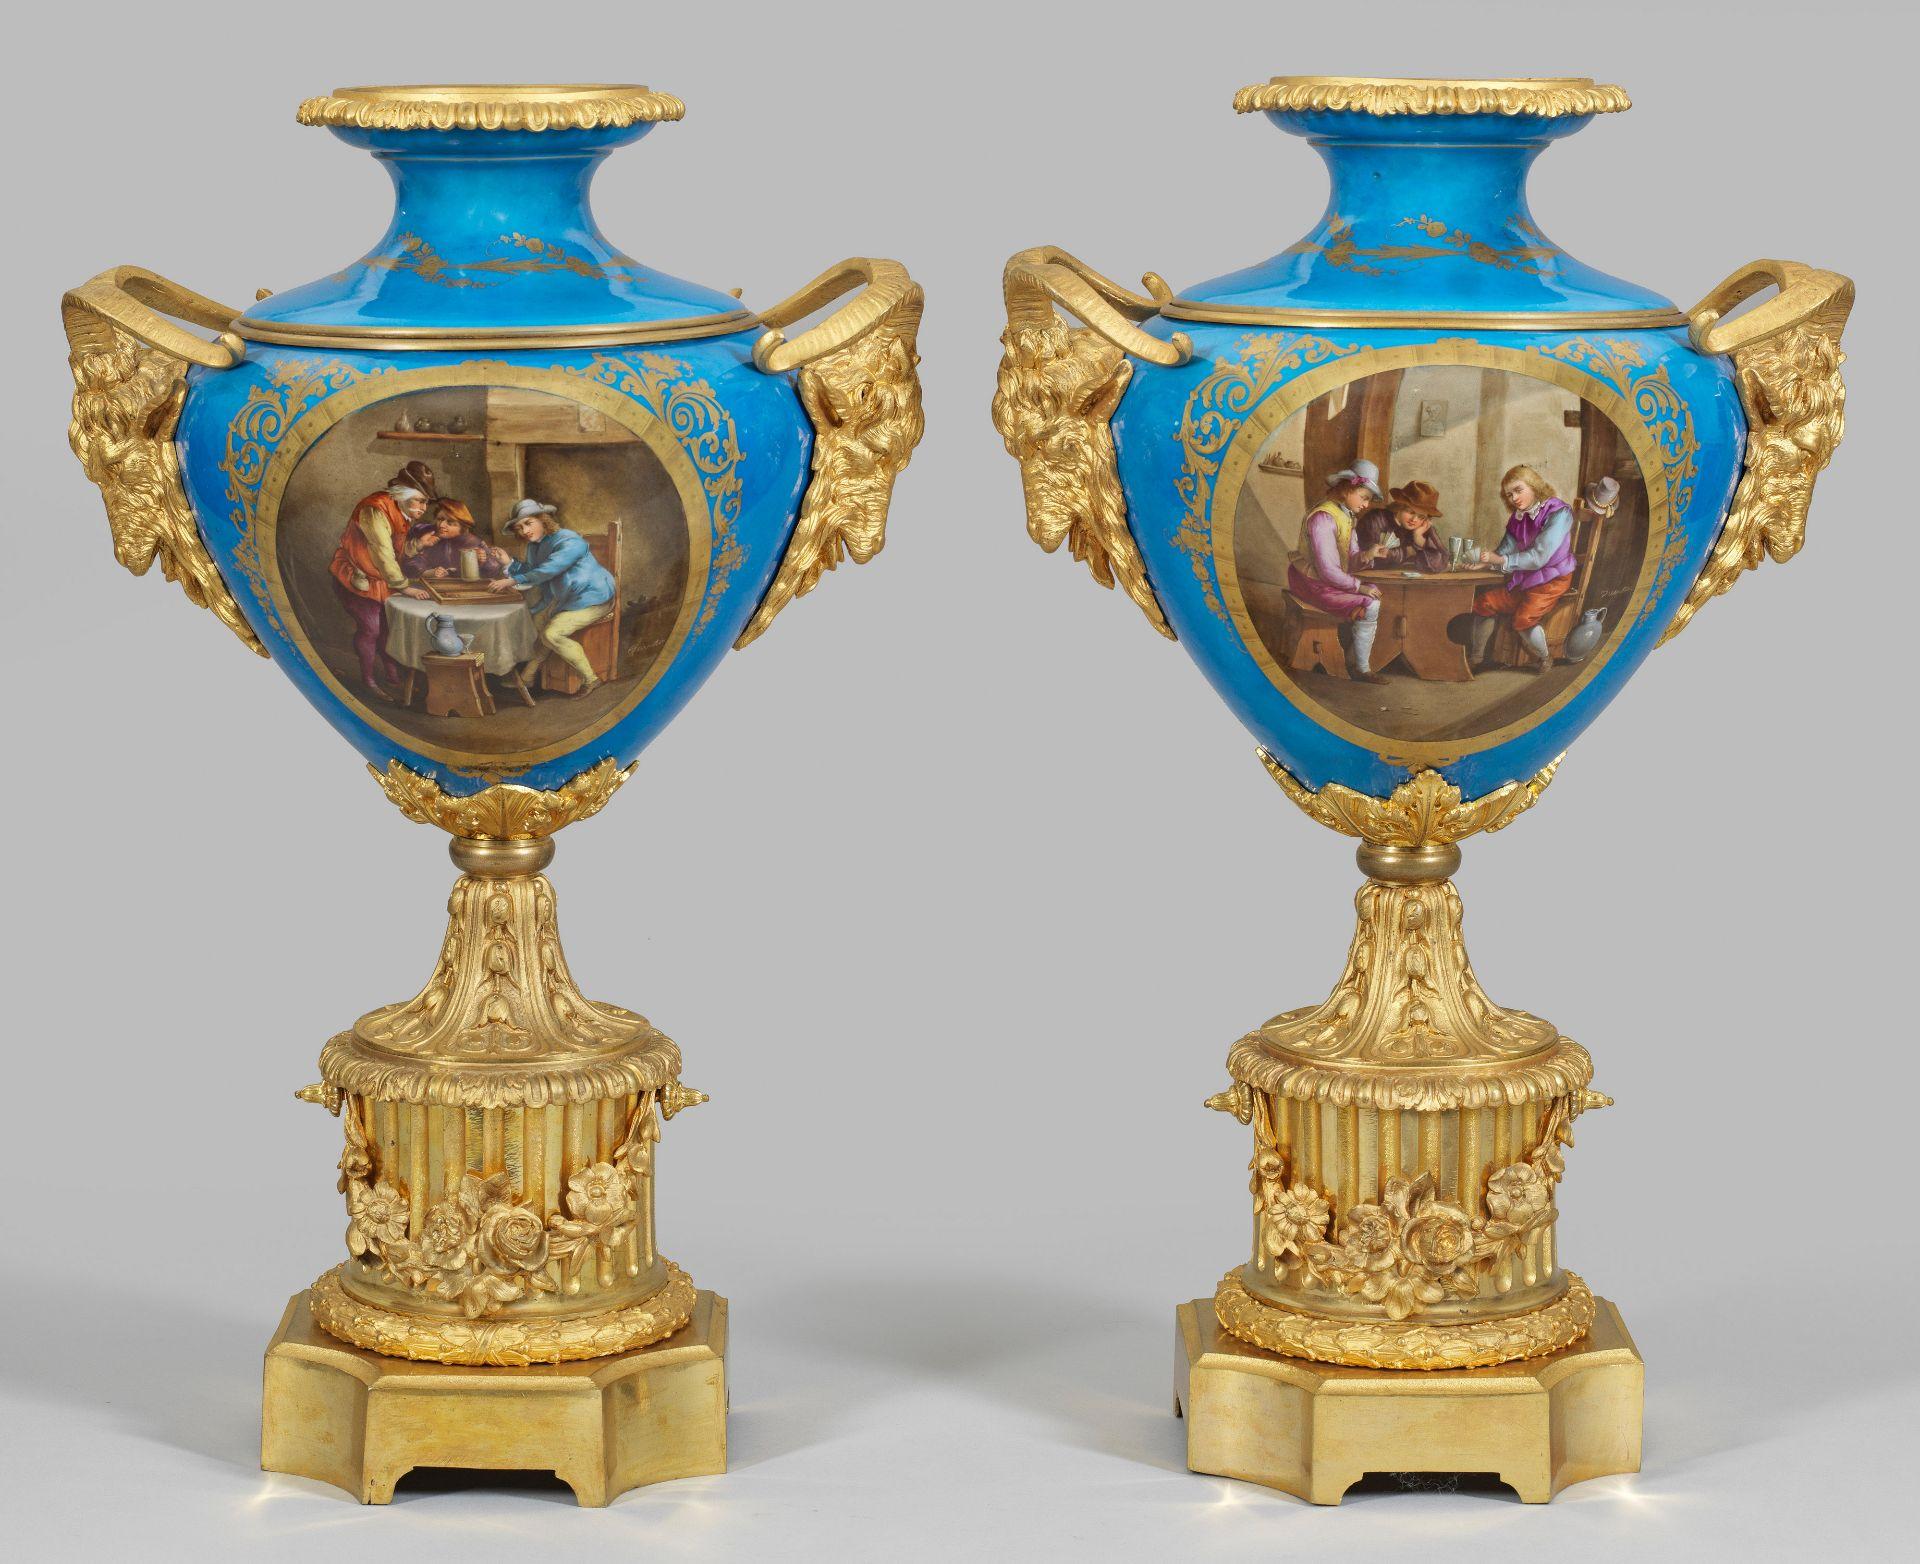 Paar große prächtige Napoleon III.-Ziervasen